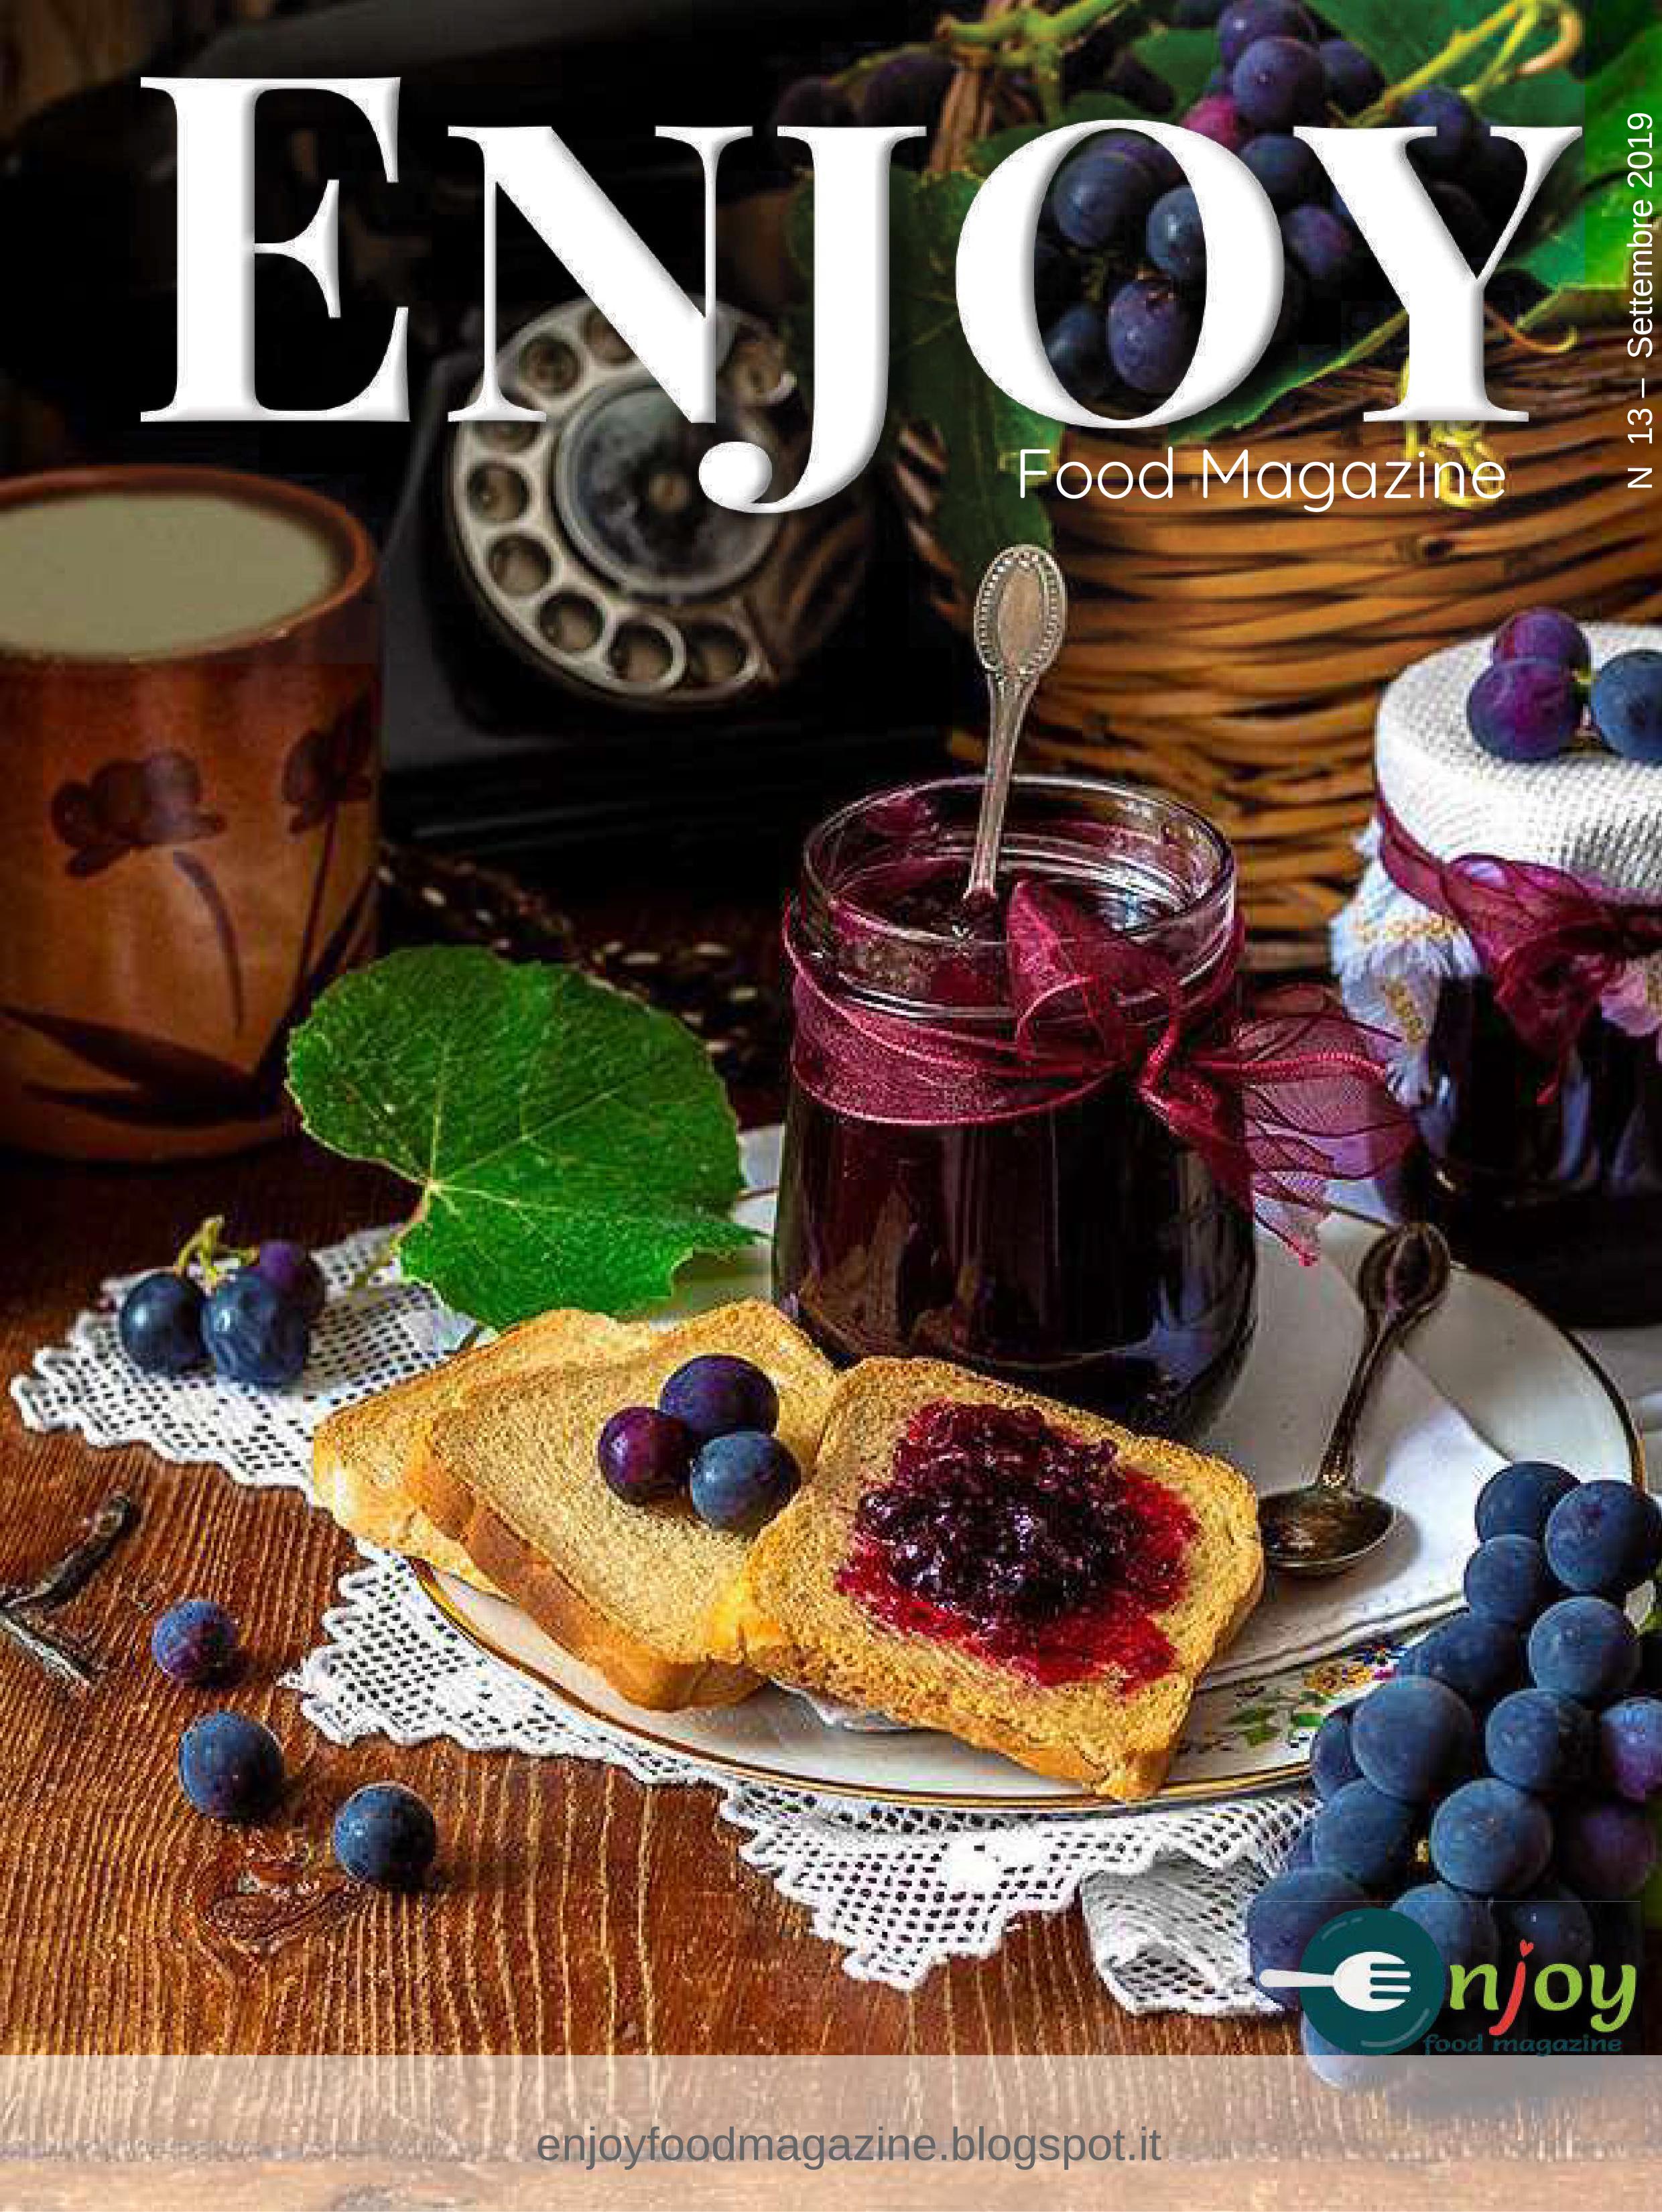 Copertina del numero di Enjoy Food Magazine n.13 dedicato alle conserve